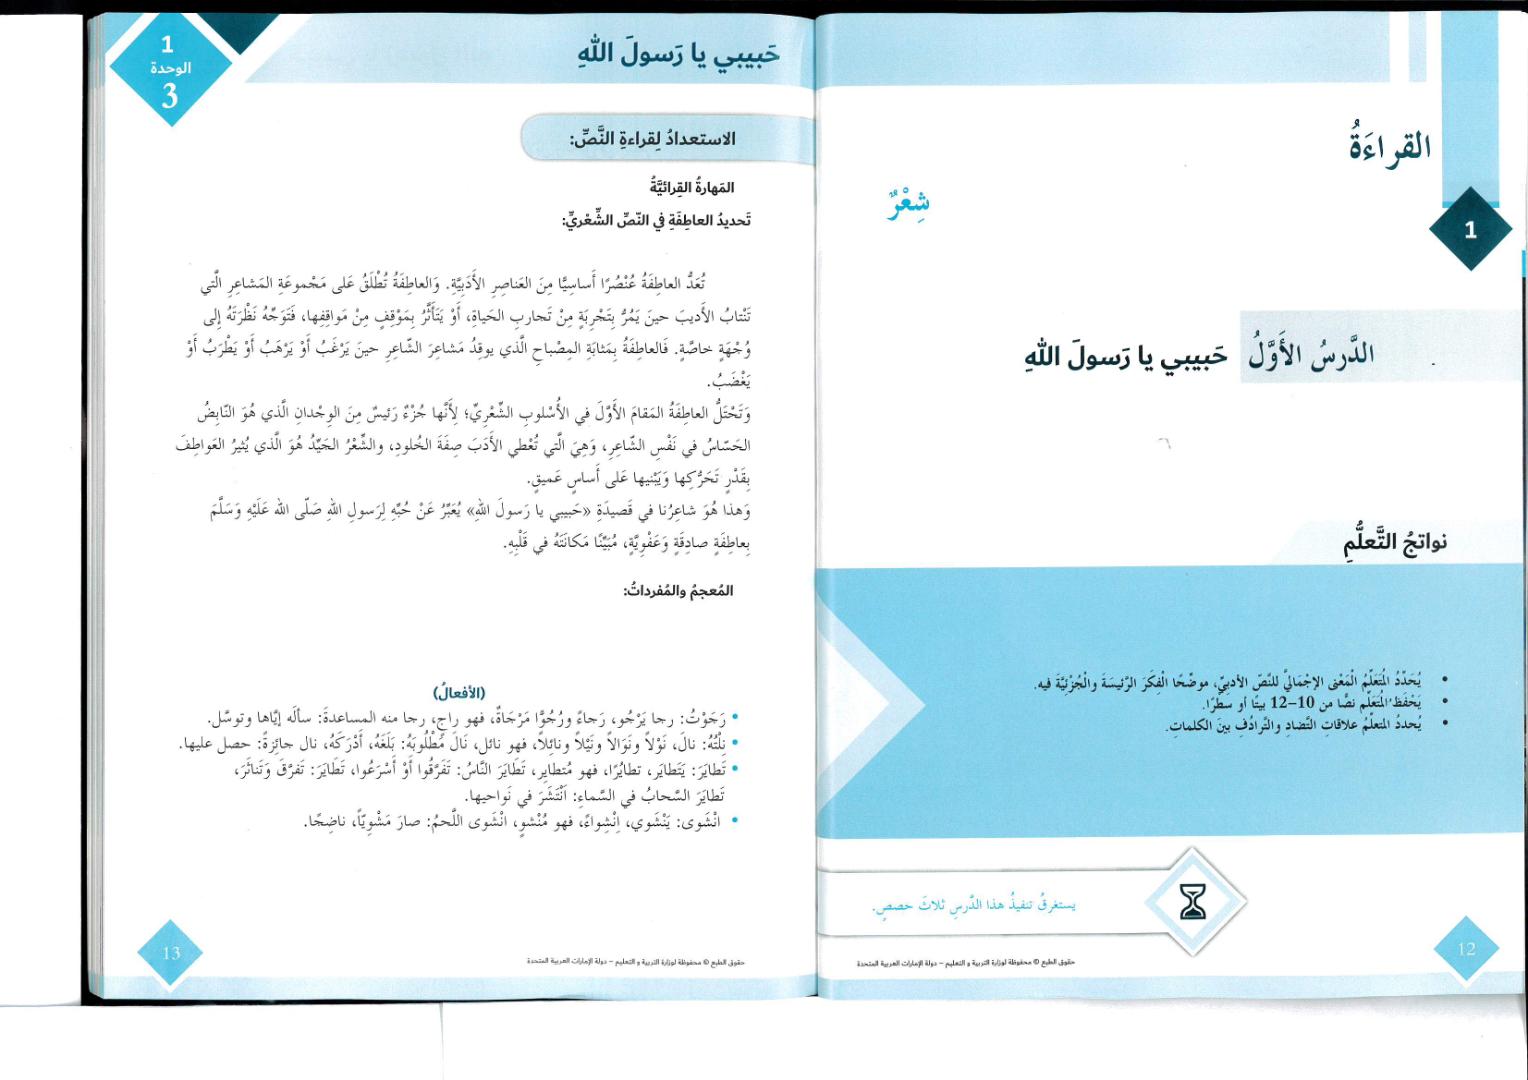 تدريبات الدرس الاول في اللغة العربية حبيبي يا رسول الله الصف